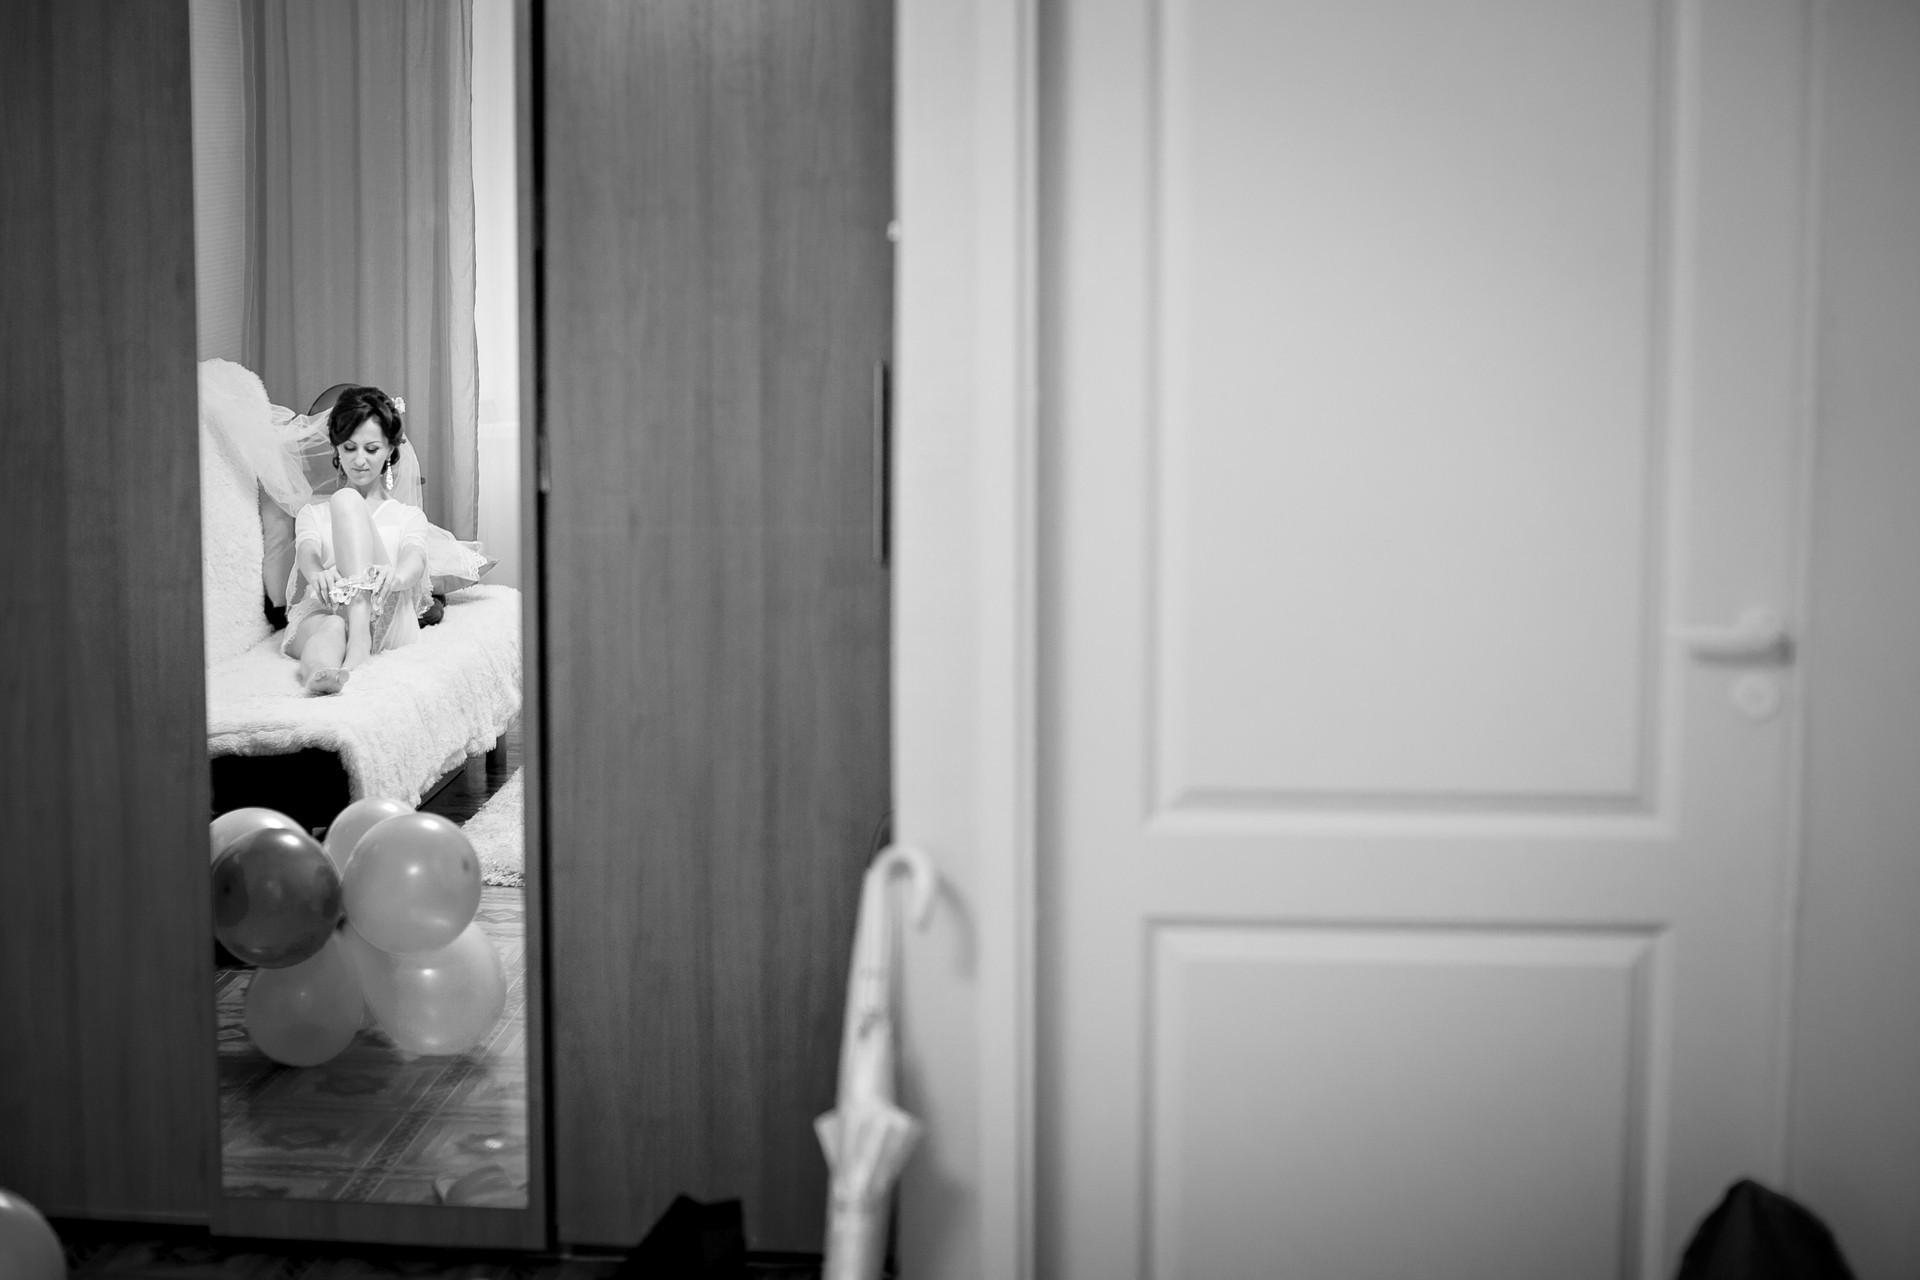 1-й Дв.Бракосочетания, отель Корстон, 2013 г.